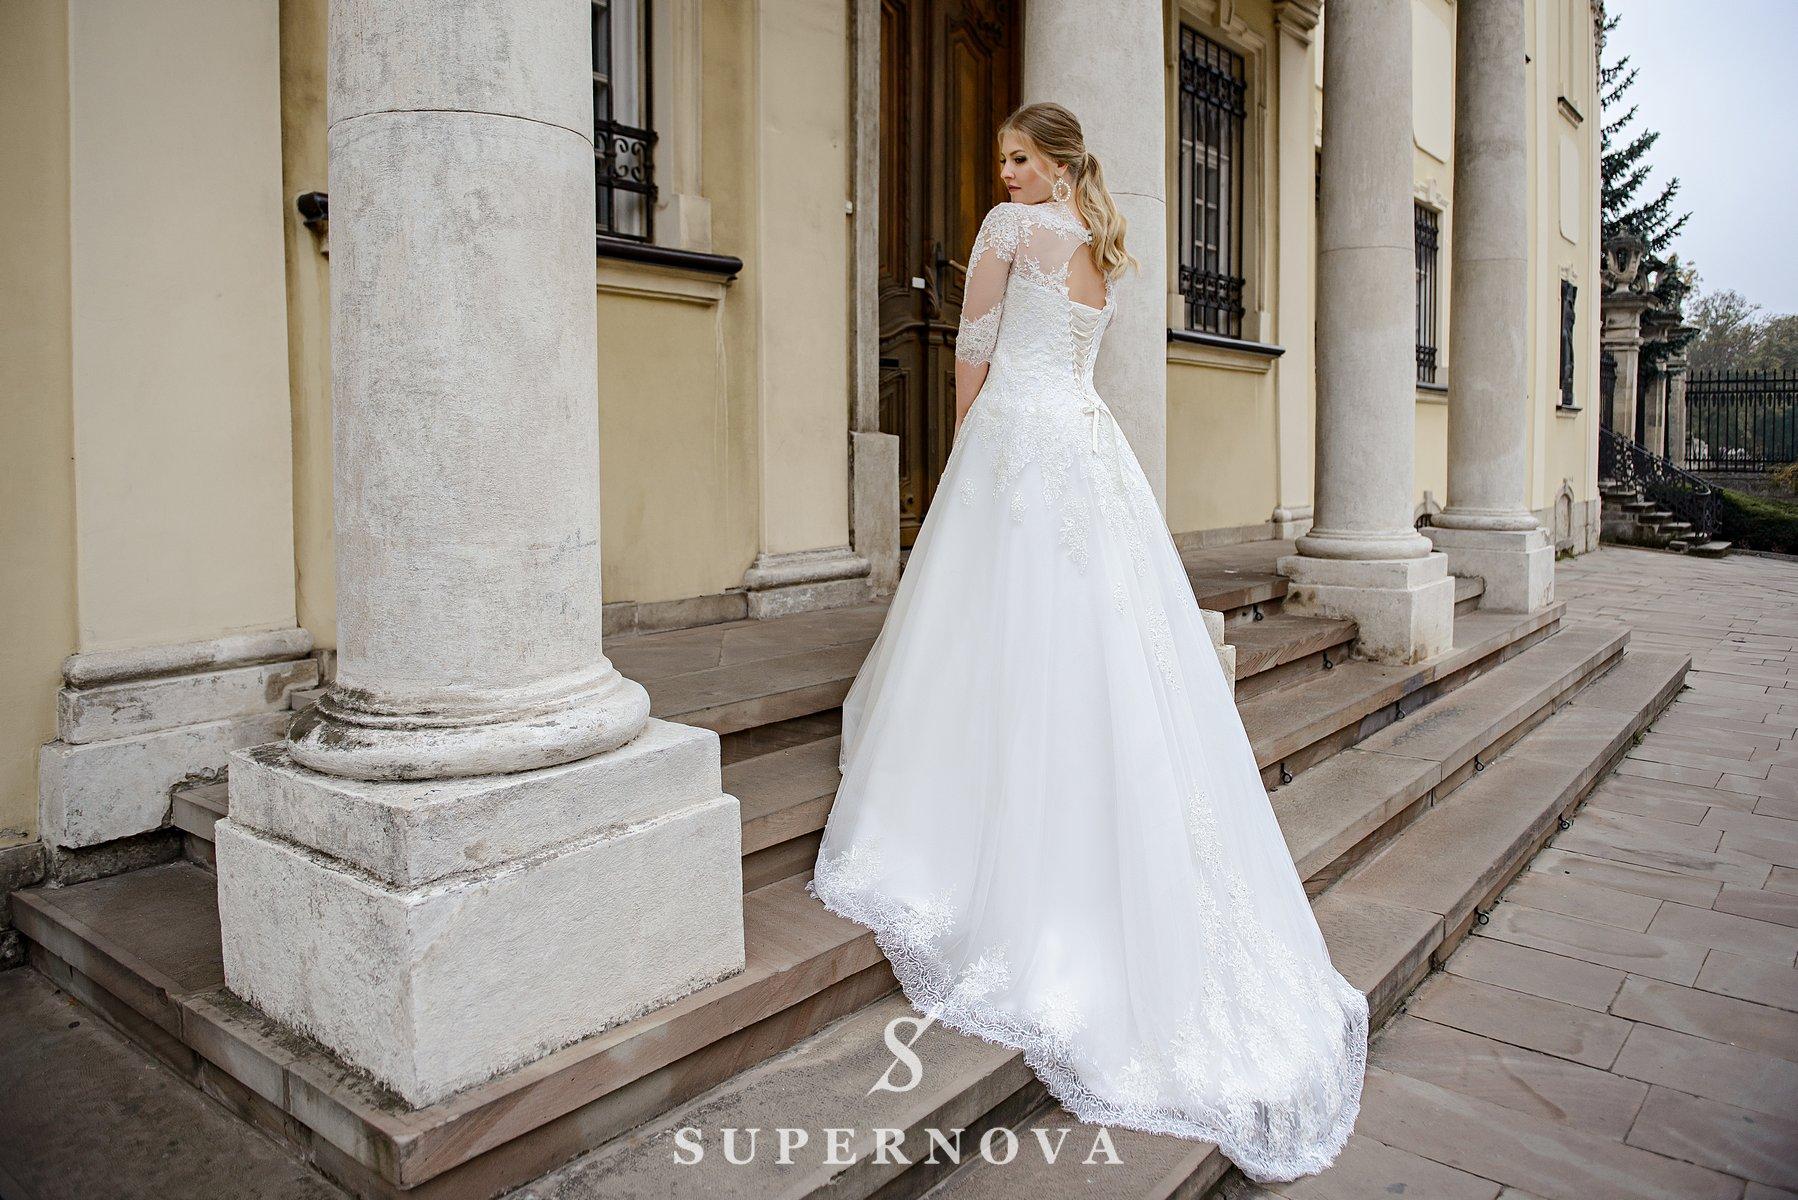 Свадебное платье с удлиненным корсетом больших размеров от производителя SuperNova-1